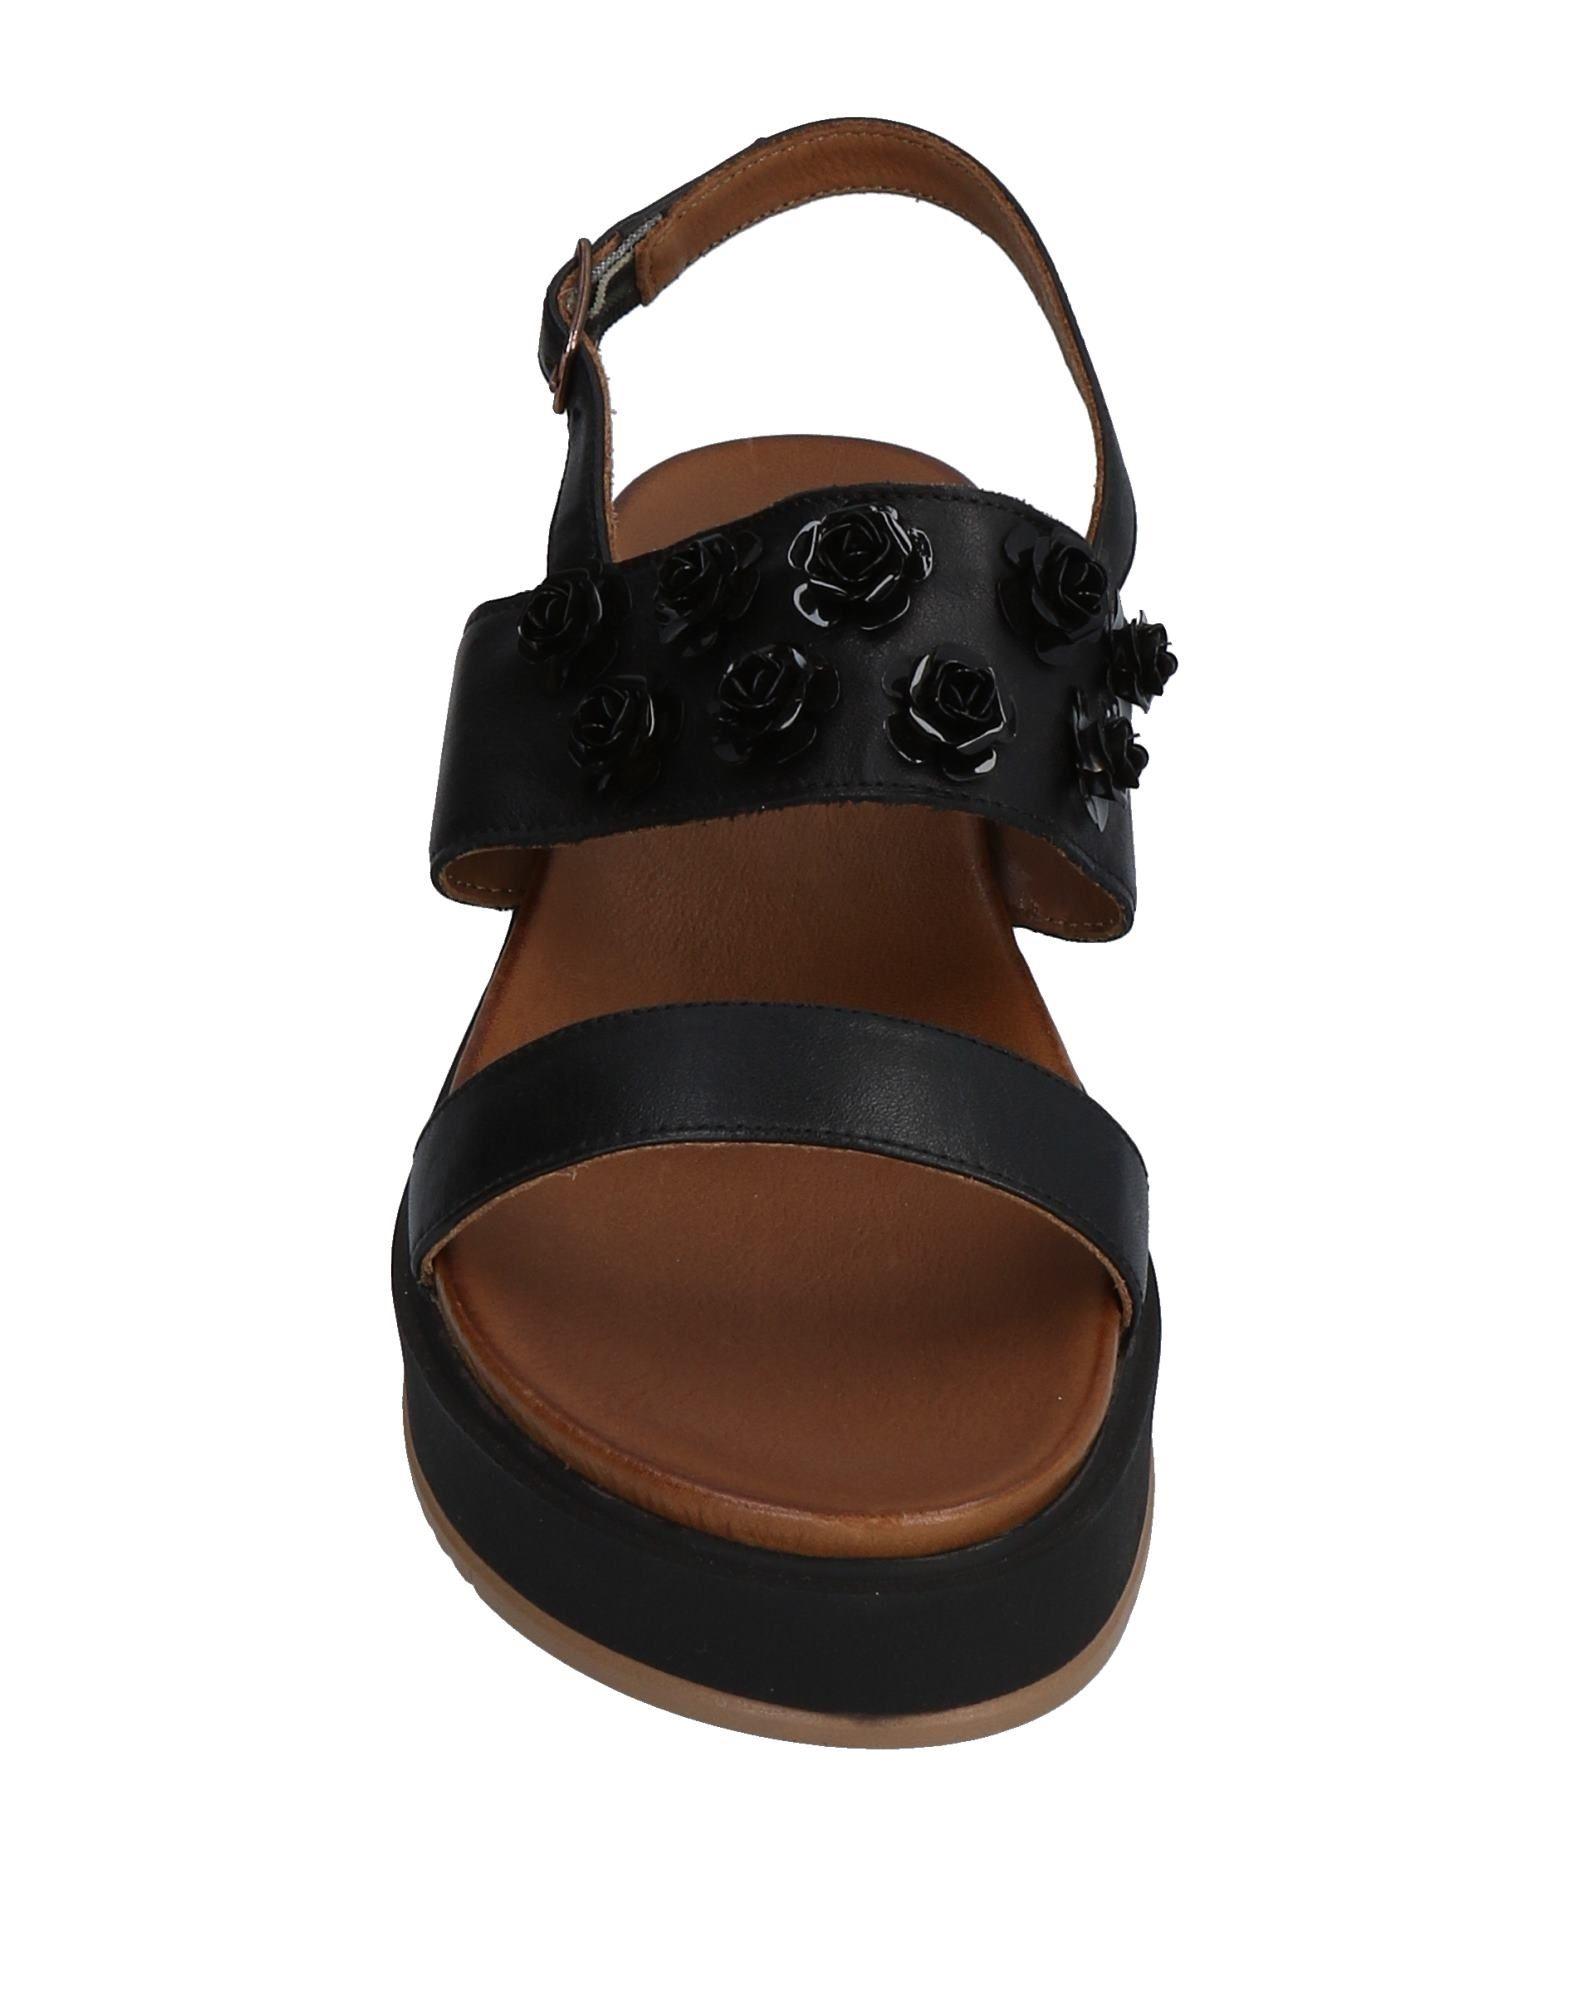 Panella Sandalen Damen  11474152PE Schuhe Gute Qualität beliebte Schuhe 11474152PE 79e810